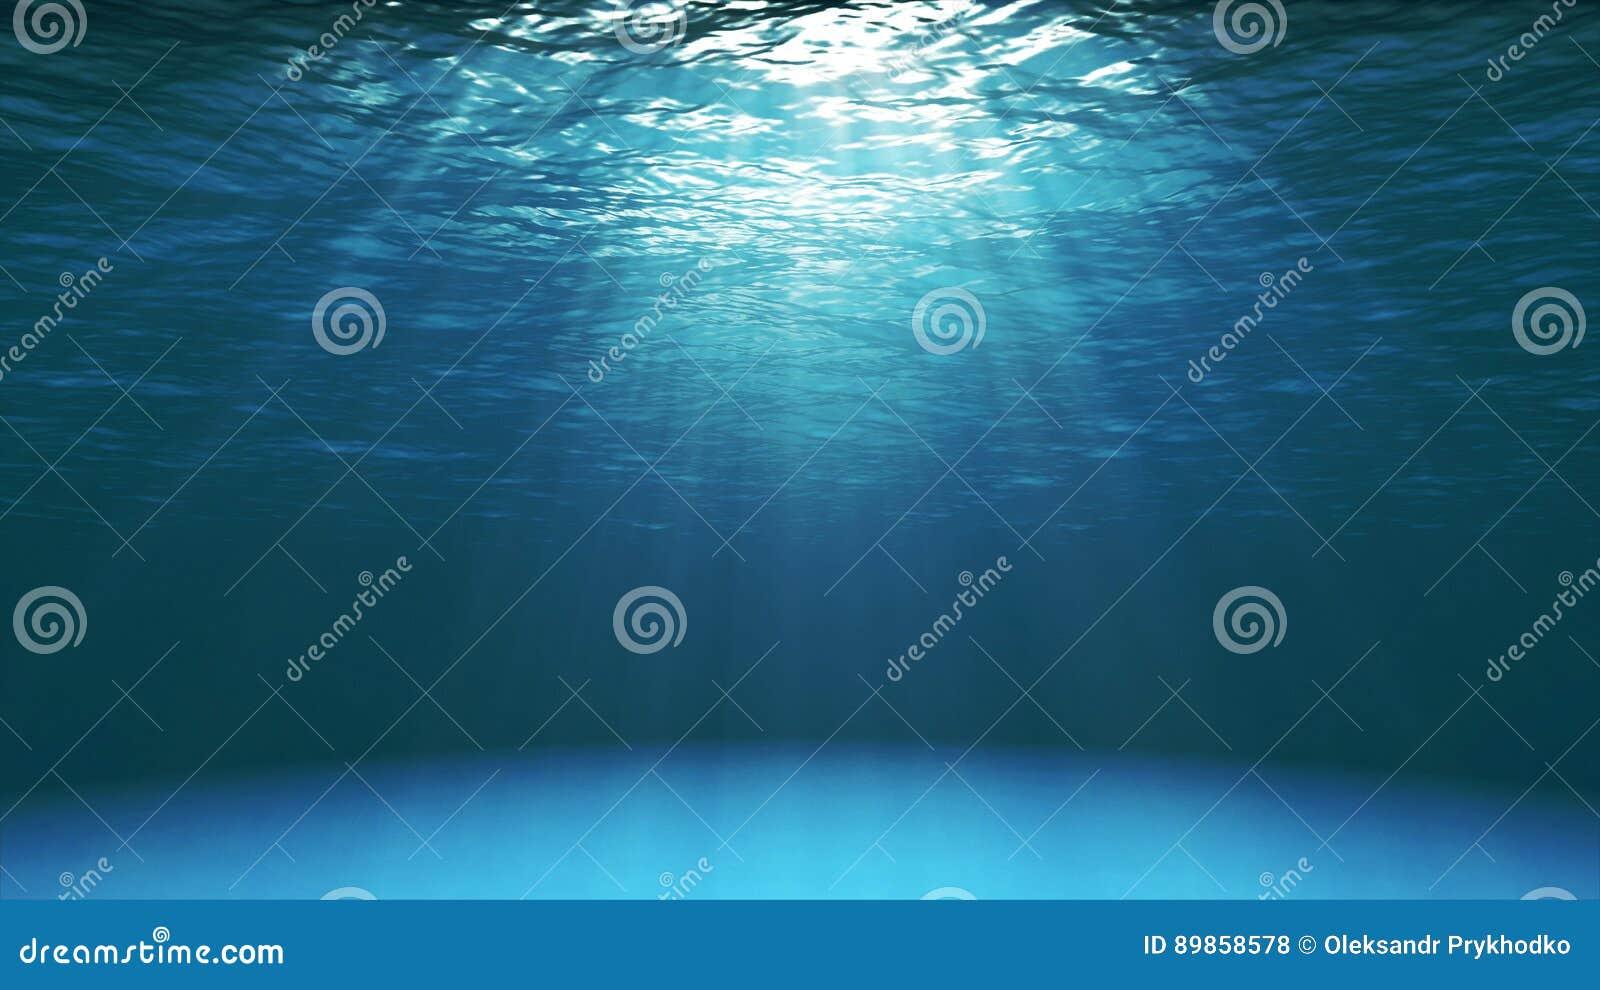 Синяя поверхность океана увиденная от underwater